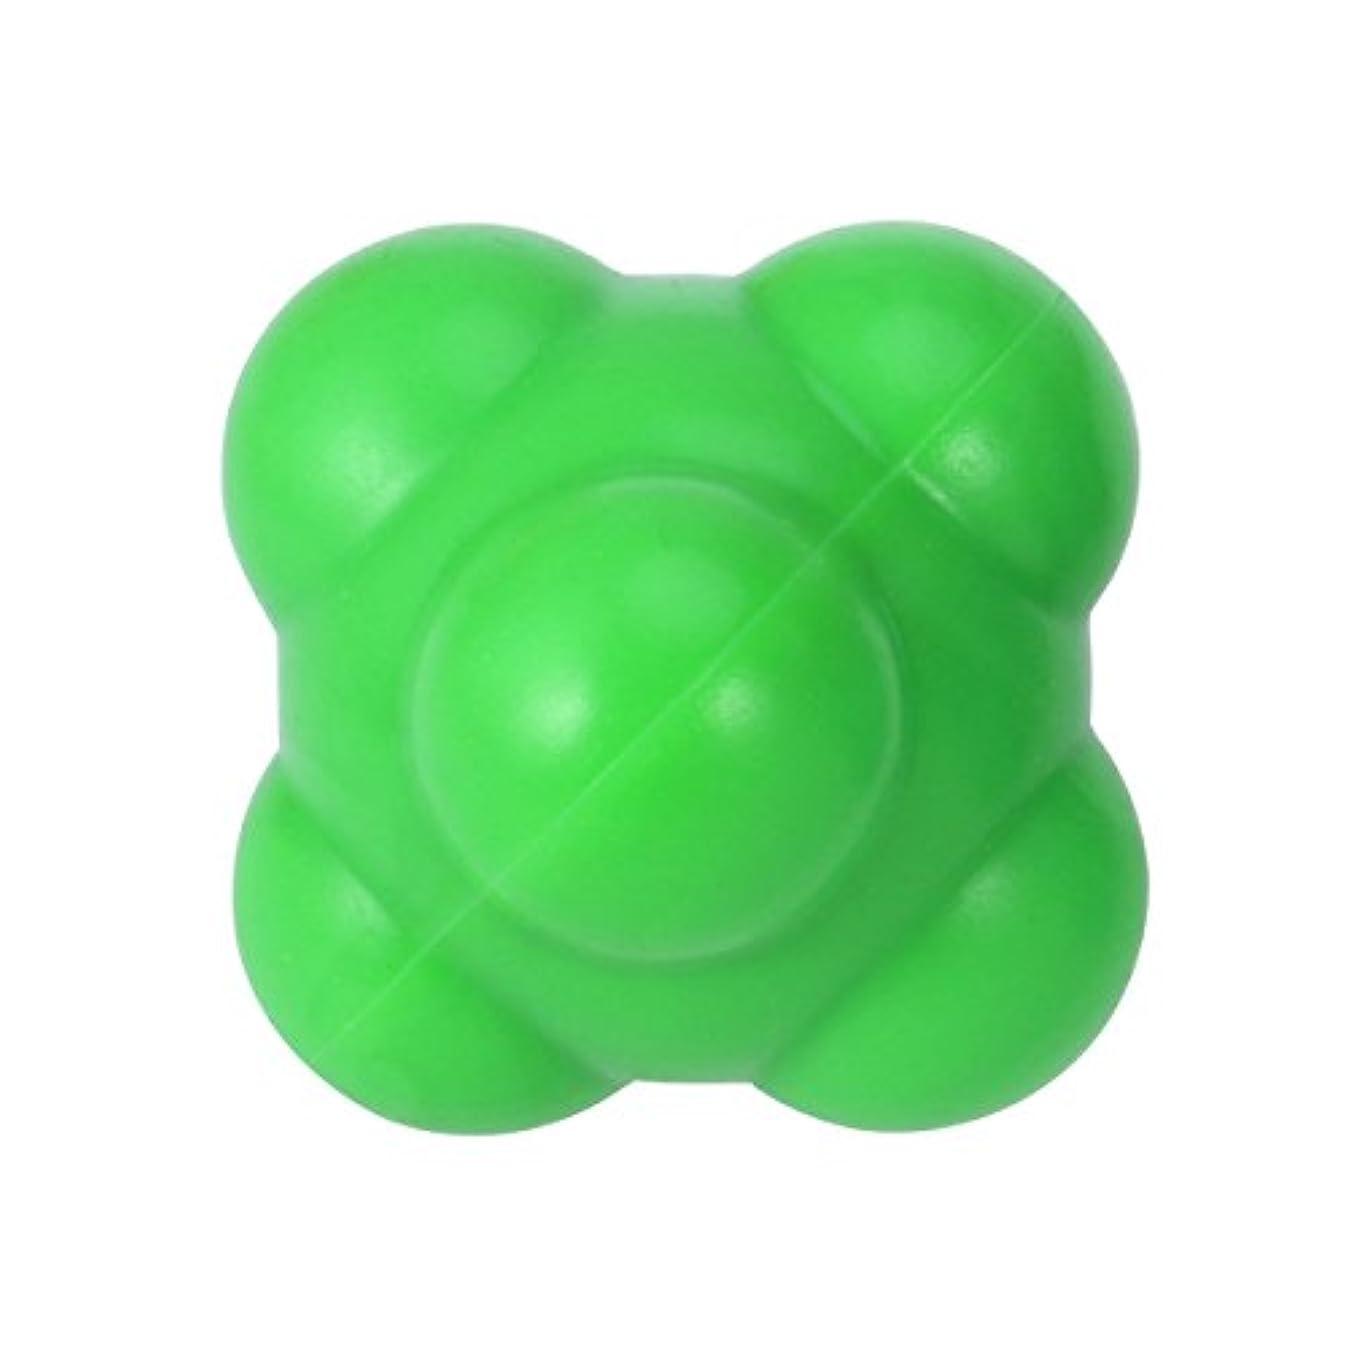 織機とげのある格差SUPVOX 反応ボール 敏捷性とスピードハンドアイ調整(グリーン)